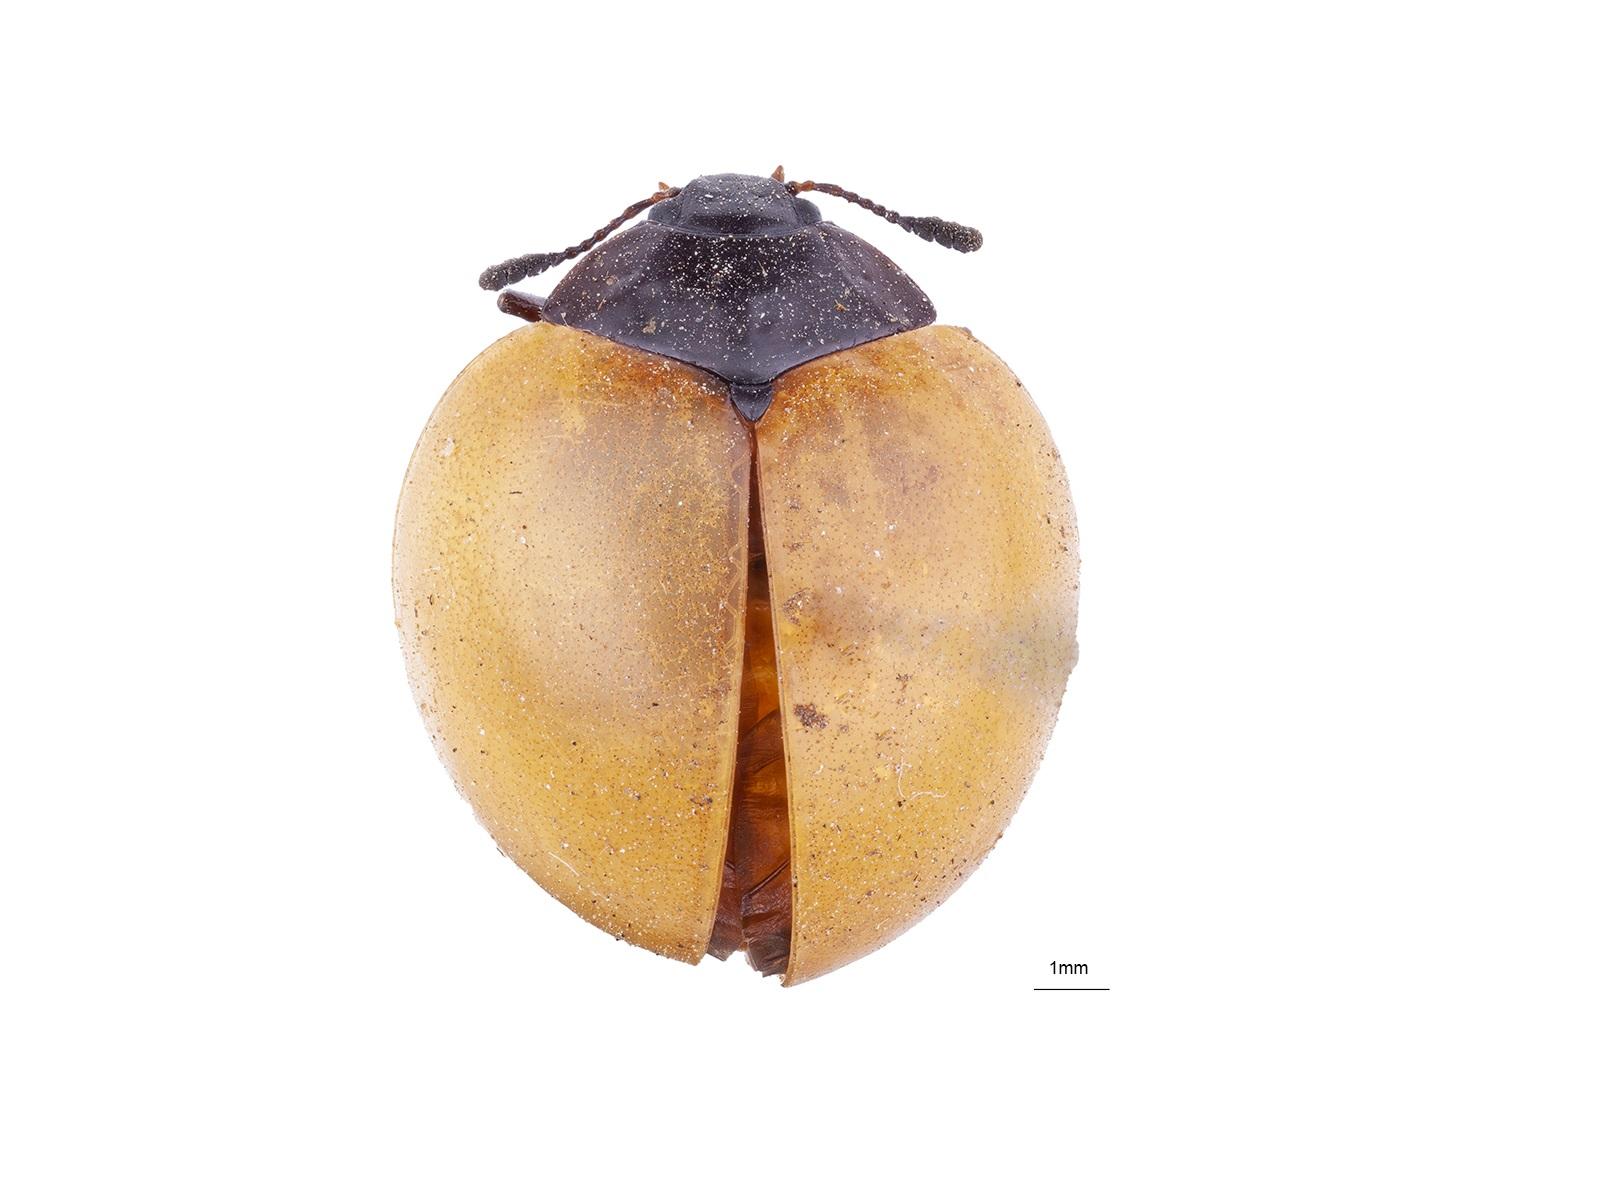 Aegithus clavicornis (Linnaeus, 1758)